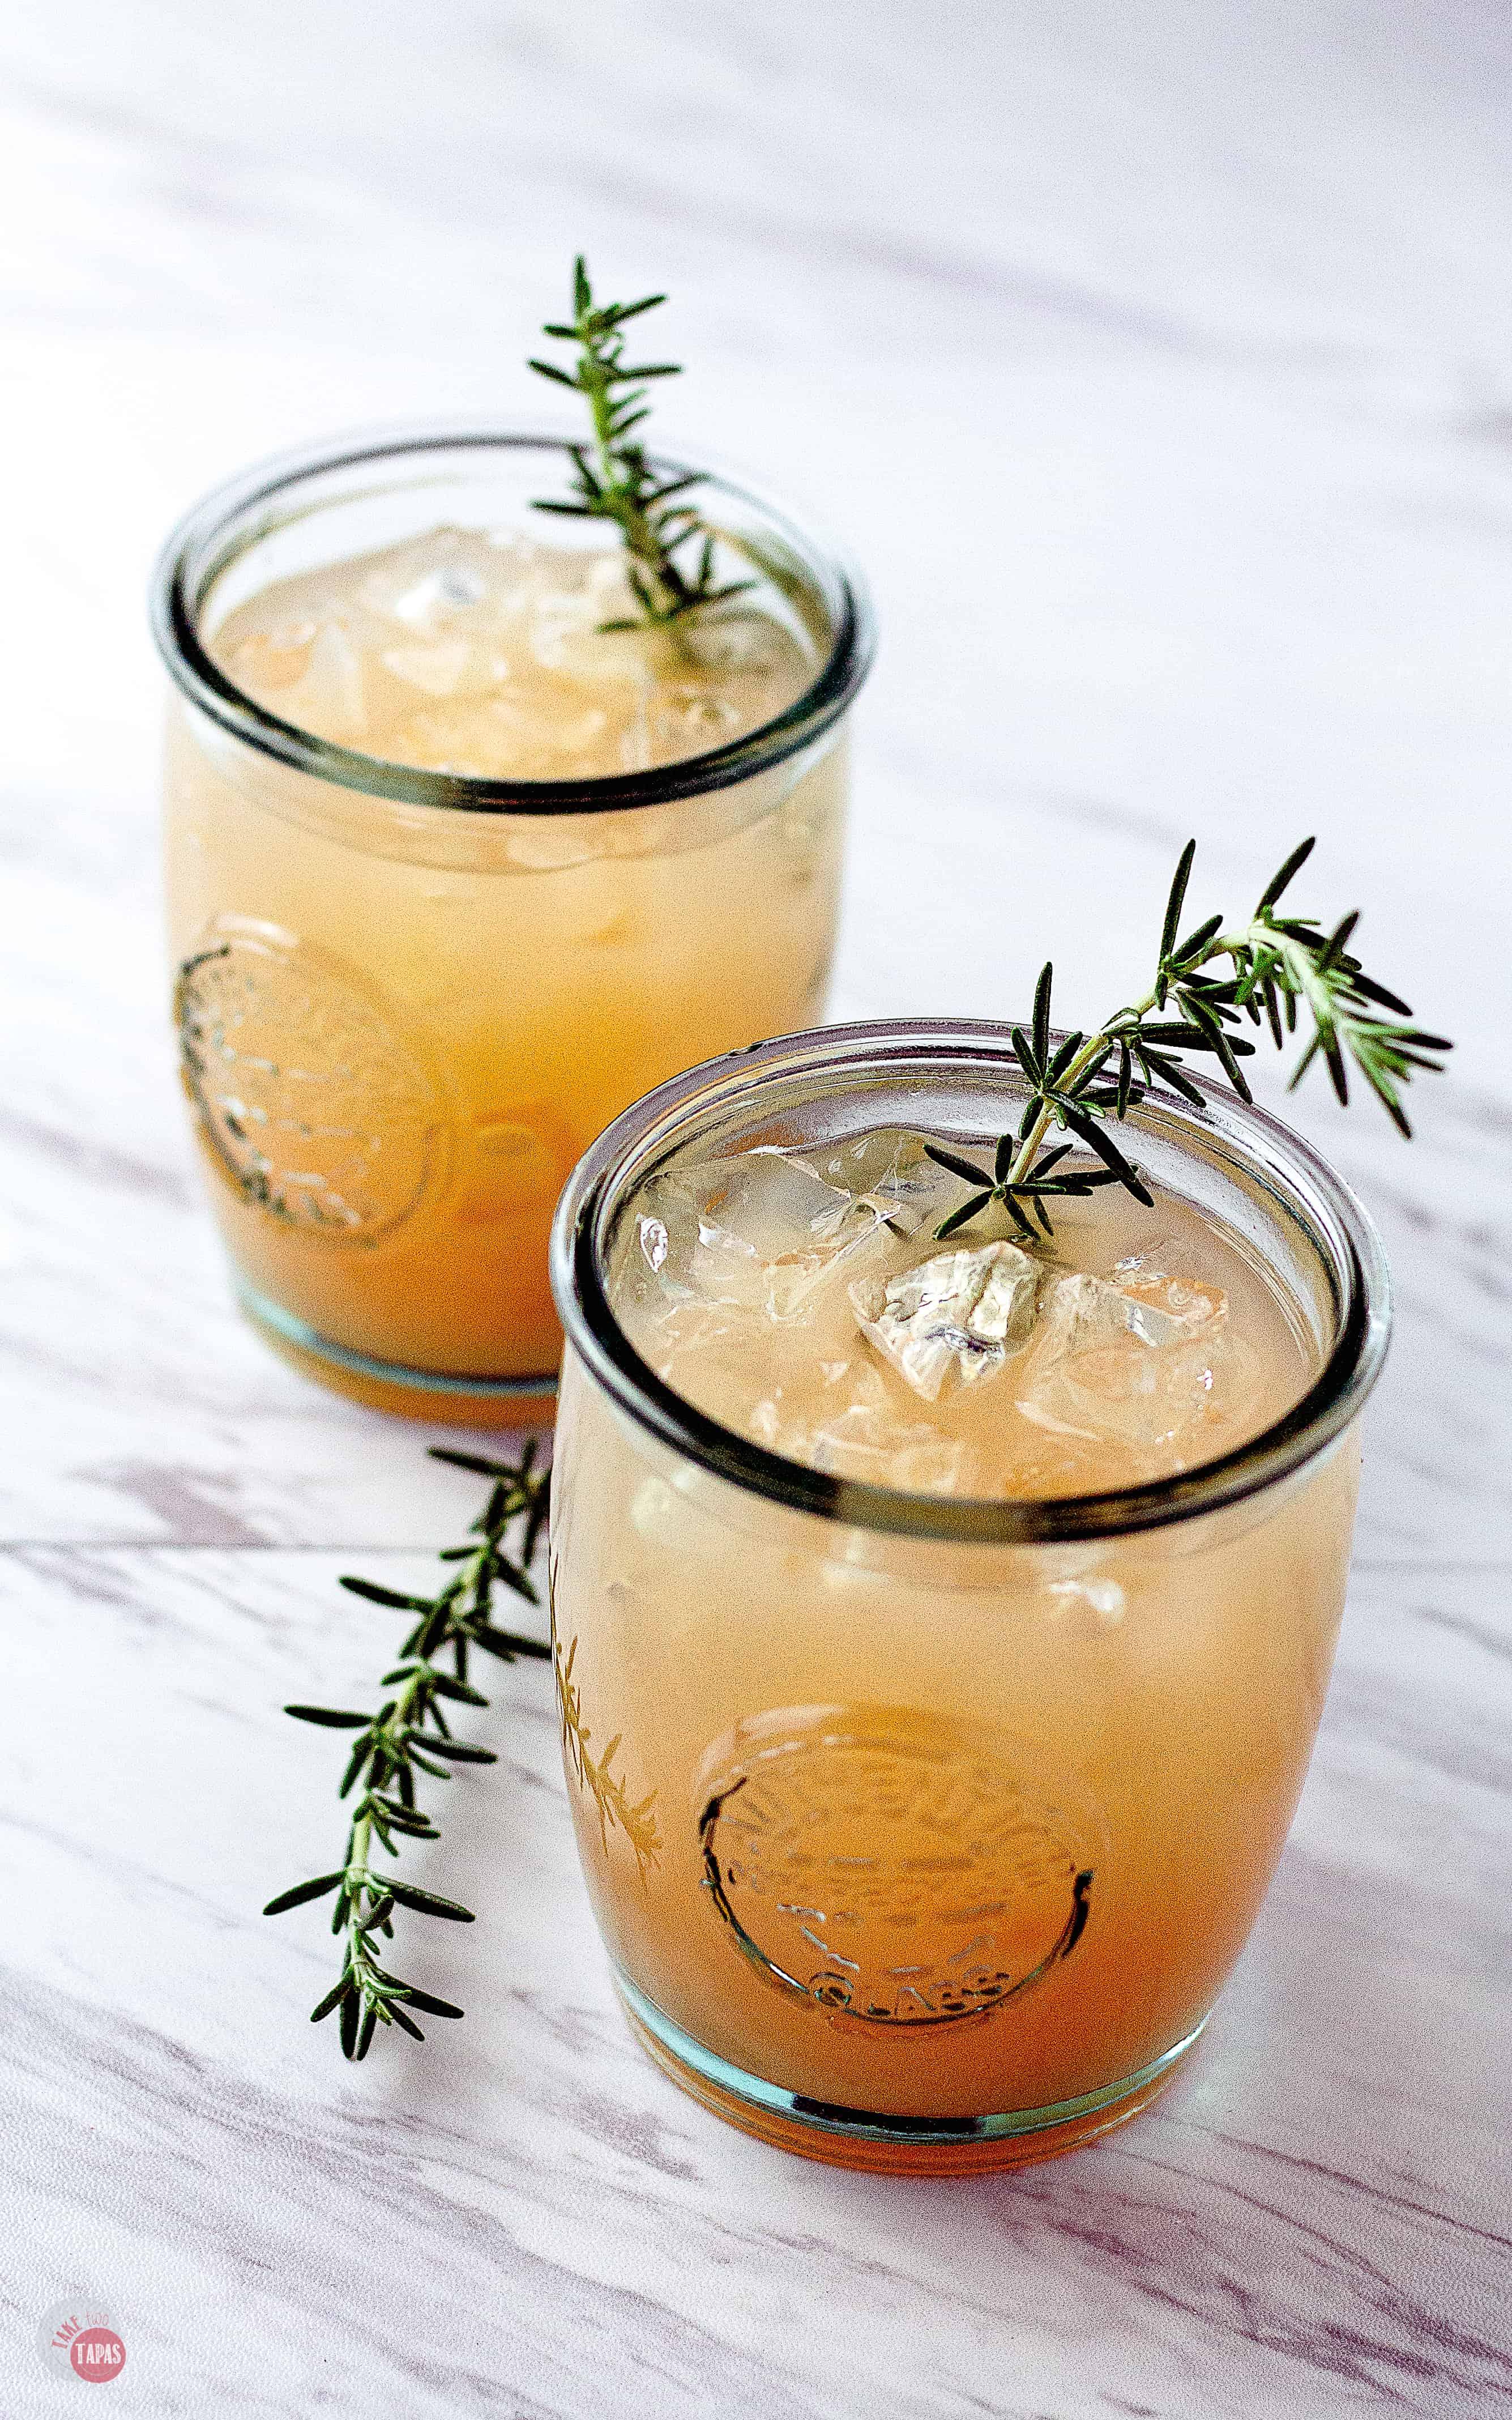 Grapefruit-Rosemary-Rum-Punch-3 (531x850)